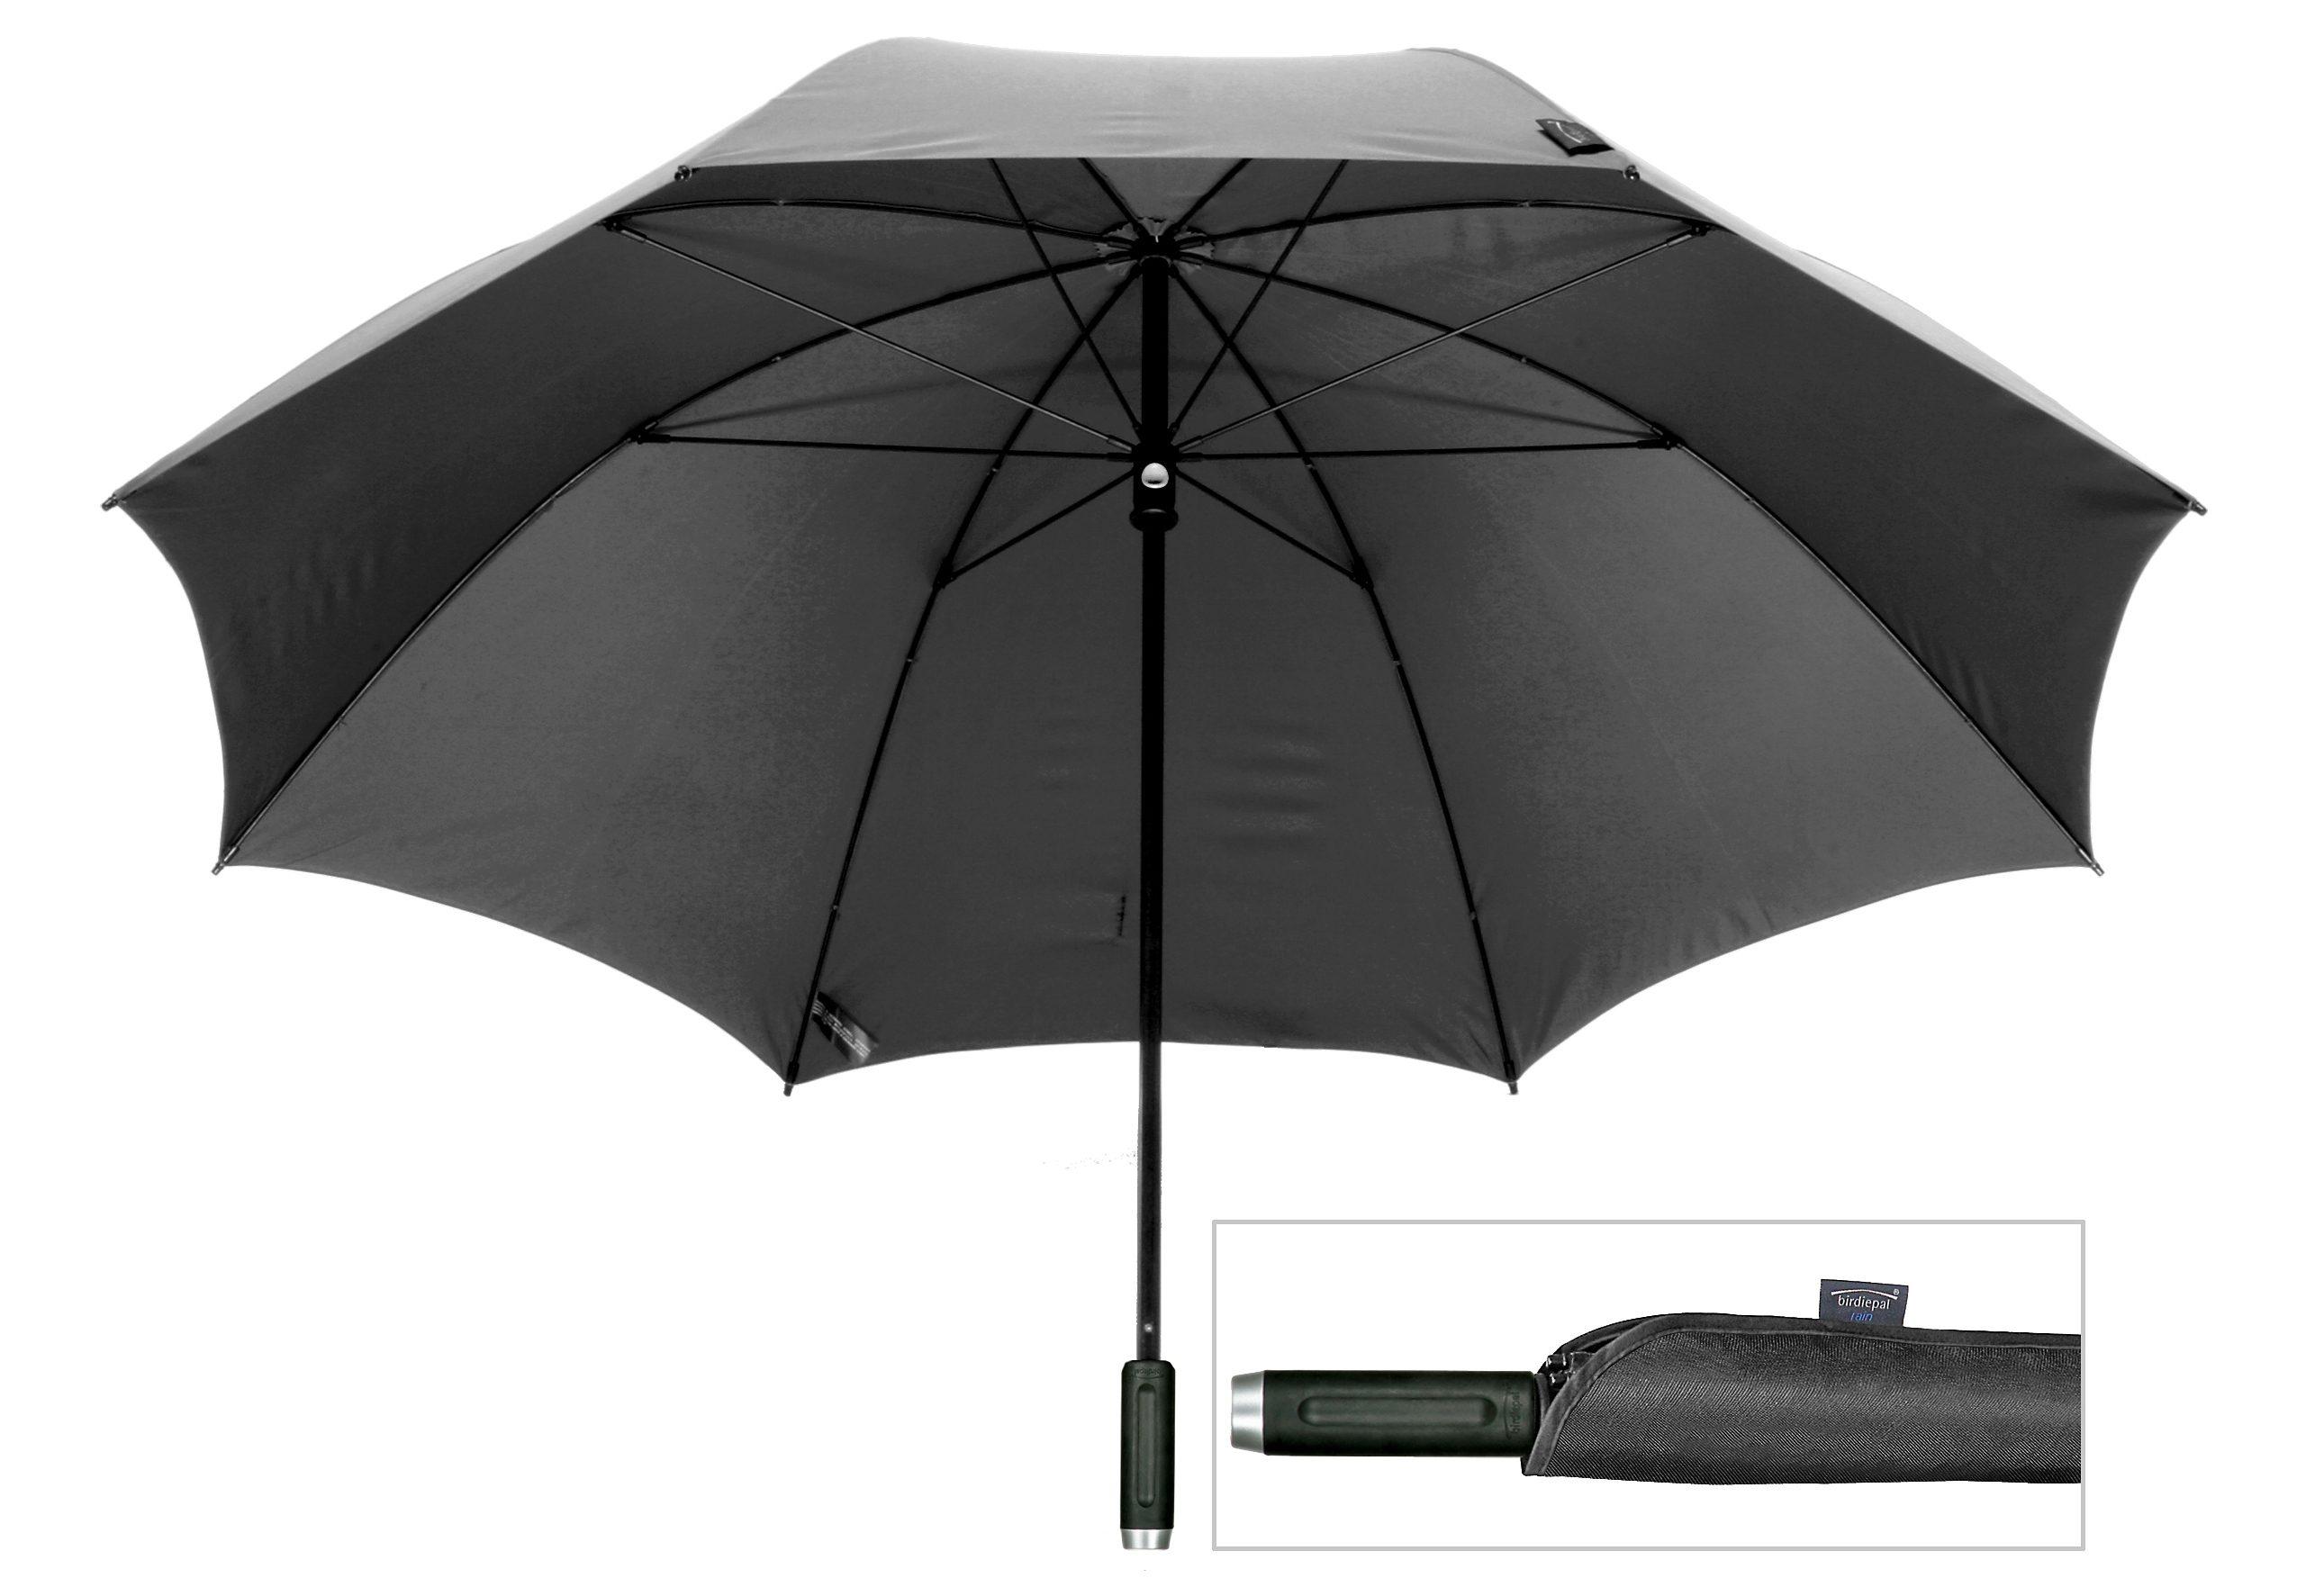 Euroschirm® Regenschirm in XXL, »birdiepal® rain«   Accessoires > Regenschirme > Sonstige Regenschirme   Schwarz   Glasfaser - Polyester - Polyamid - Pvc   EUROSCHIRM®